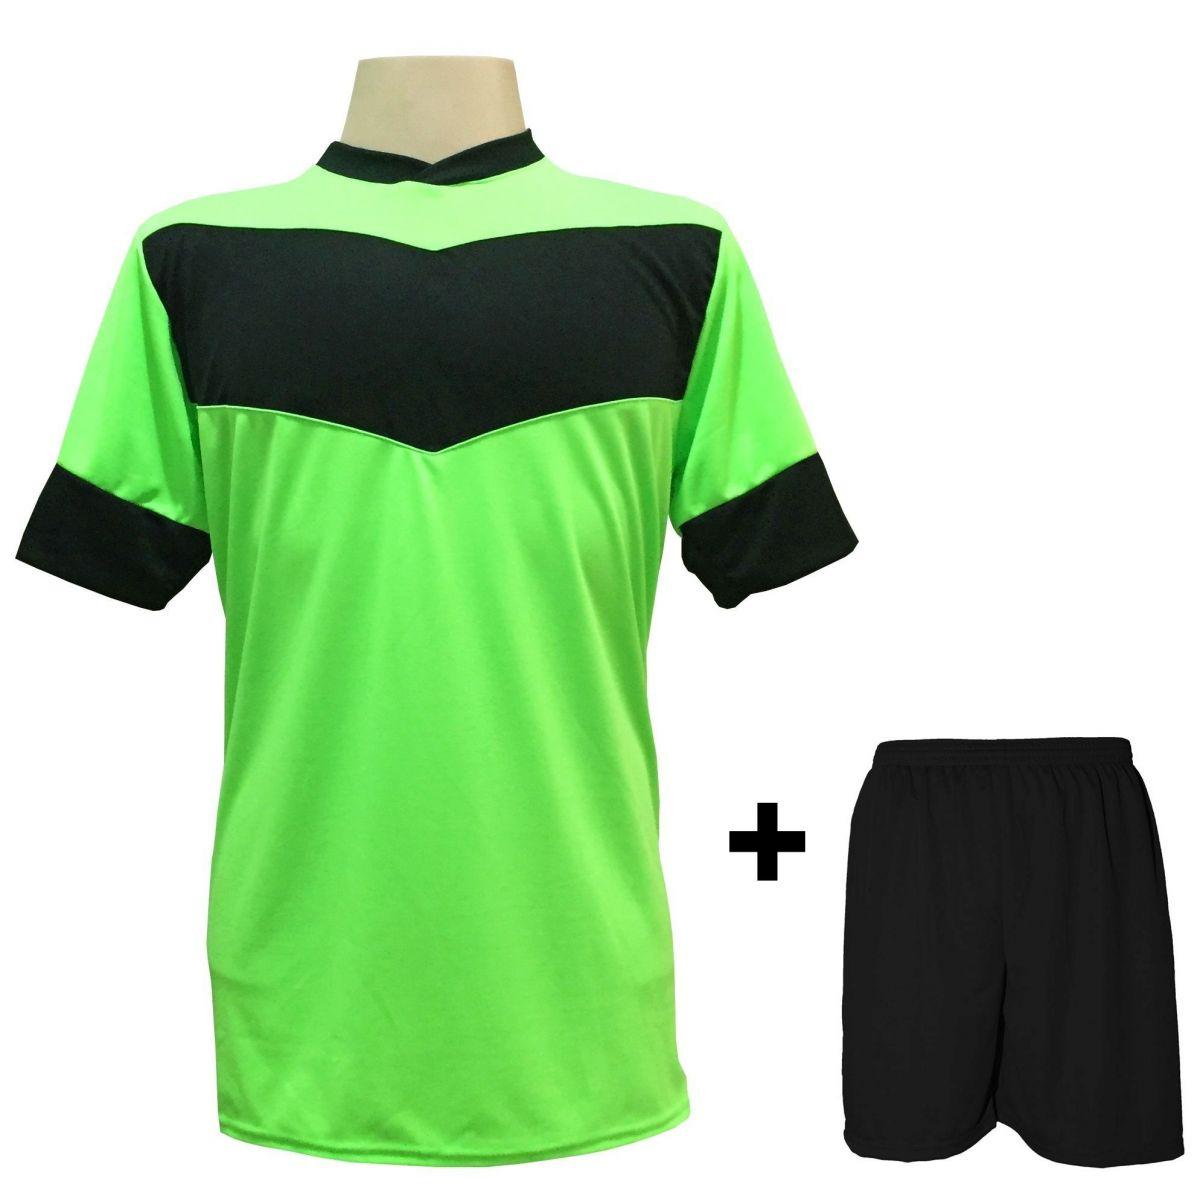 Fardamento modelo Columbus Limão Preto 18+1 (18 camisas + 18 calções + 1  conjunto de goleiro) - Frete Grátis Brasil + Brindes 1667b40c08801